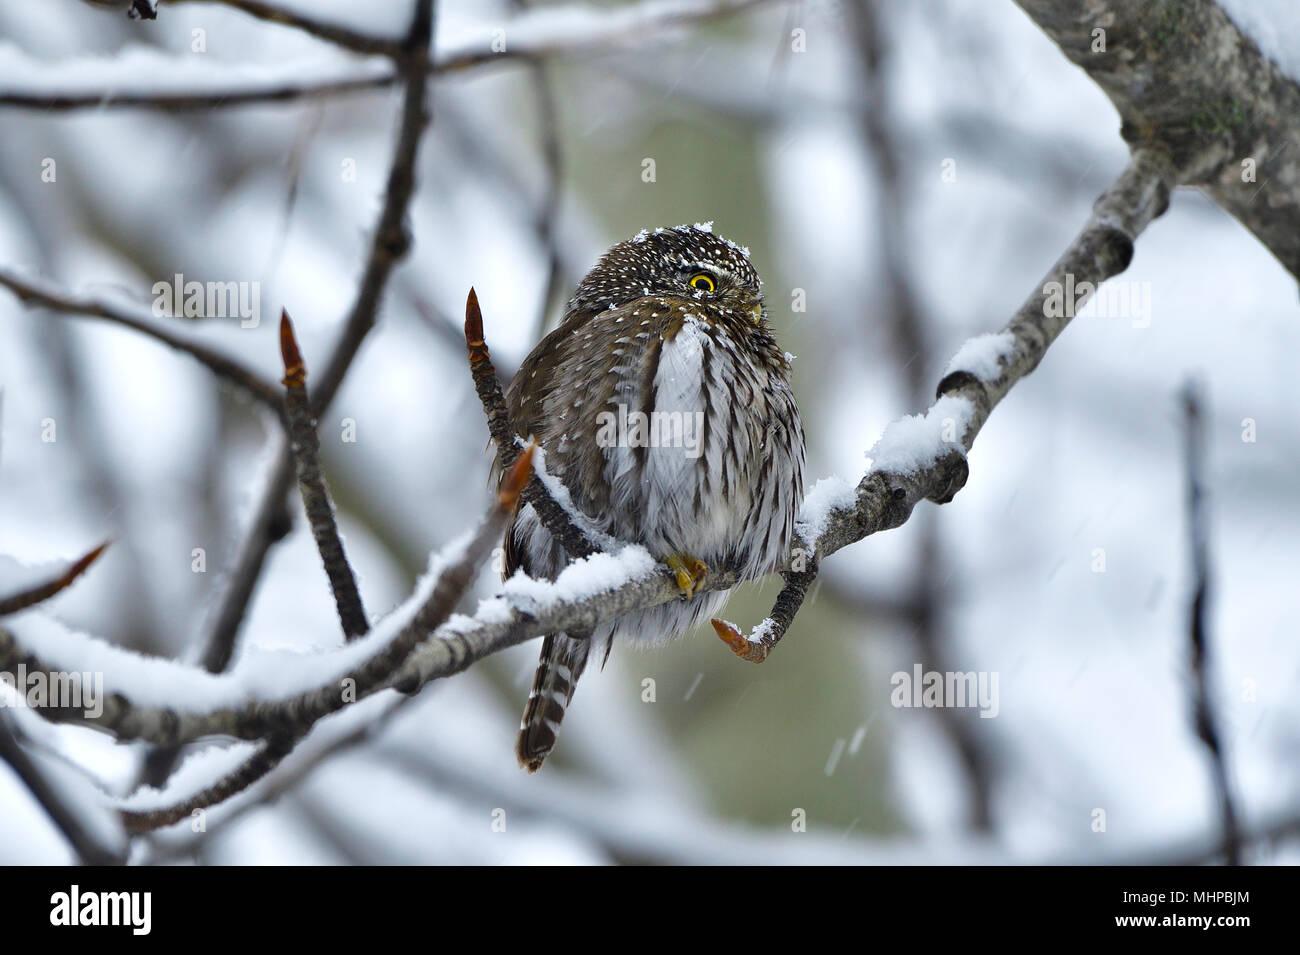 Eine kleine Nördliche Sperlingskauz (Glaucidium gnoma) auf eine Zweigniederlassung einer Pappel während eines Frühling Schnee Sturm in ländlichen Alberta Kanada gehockt Stockbild